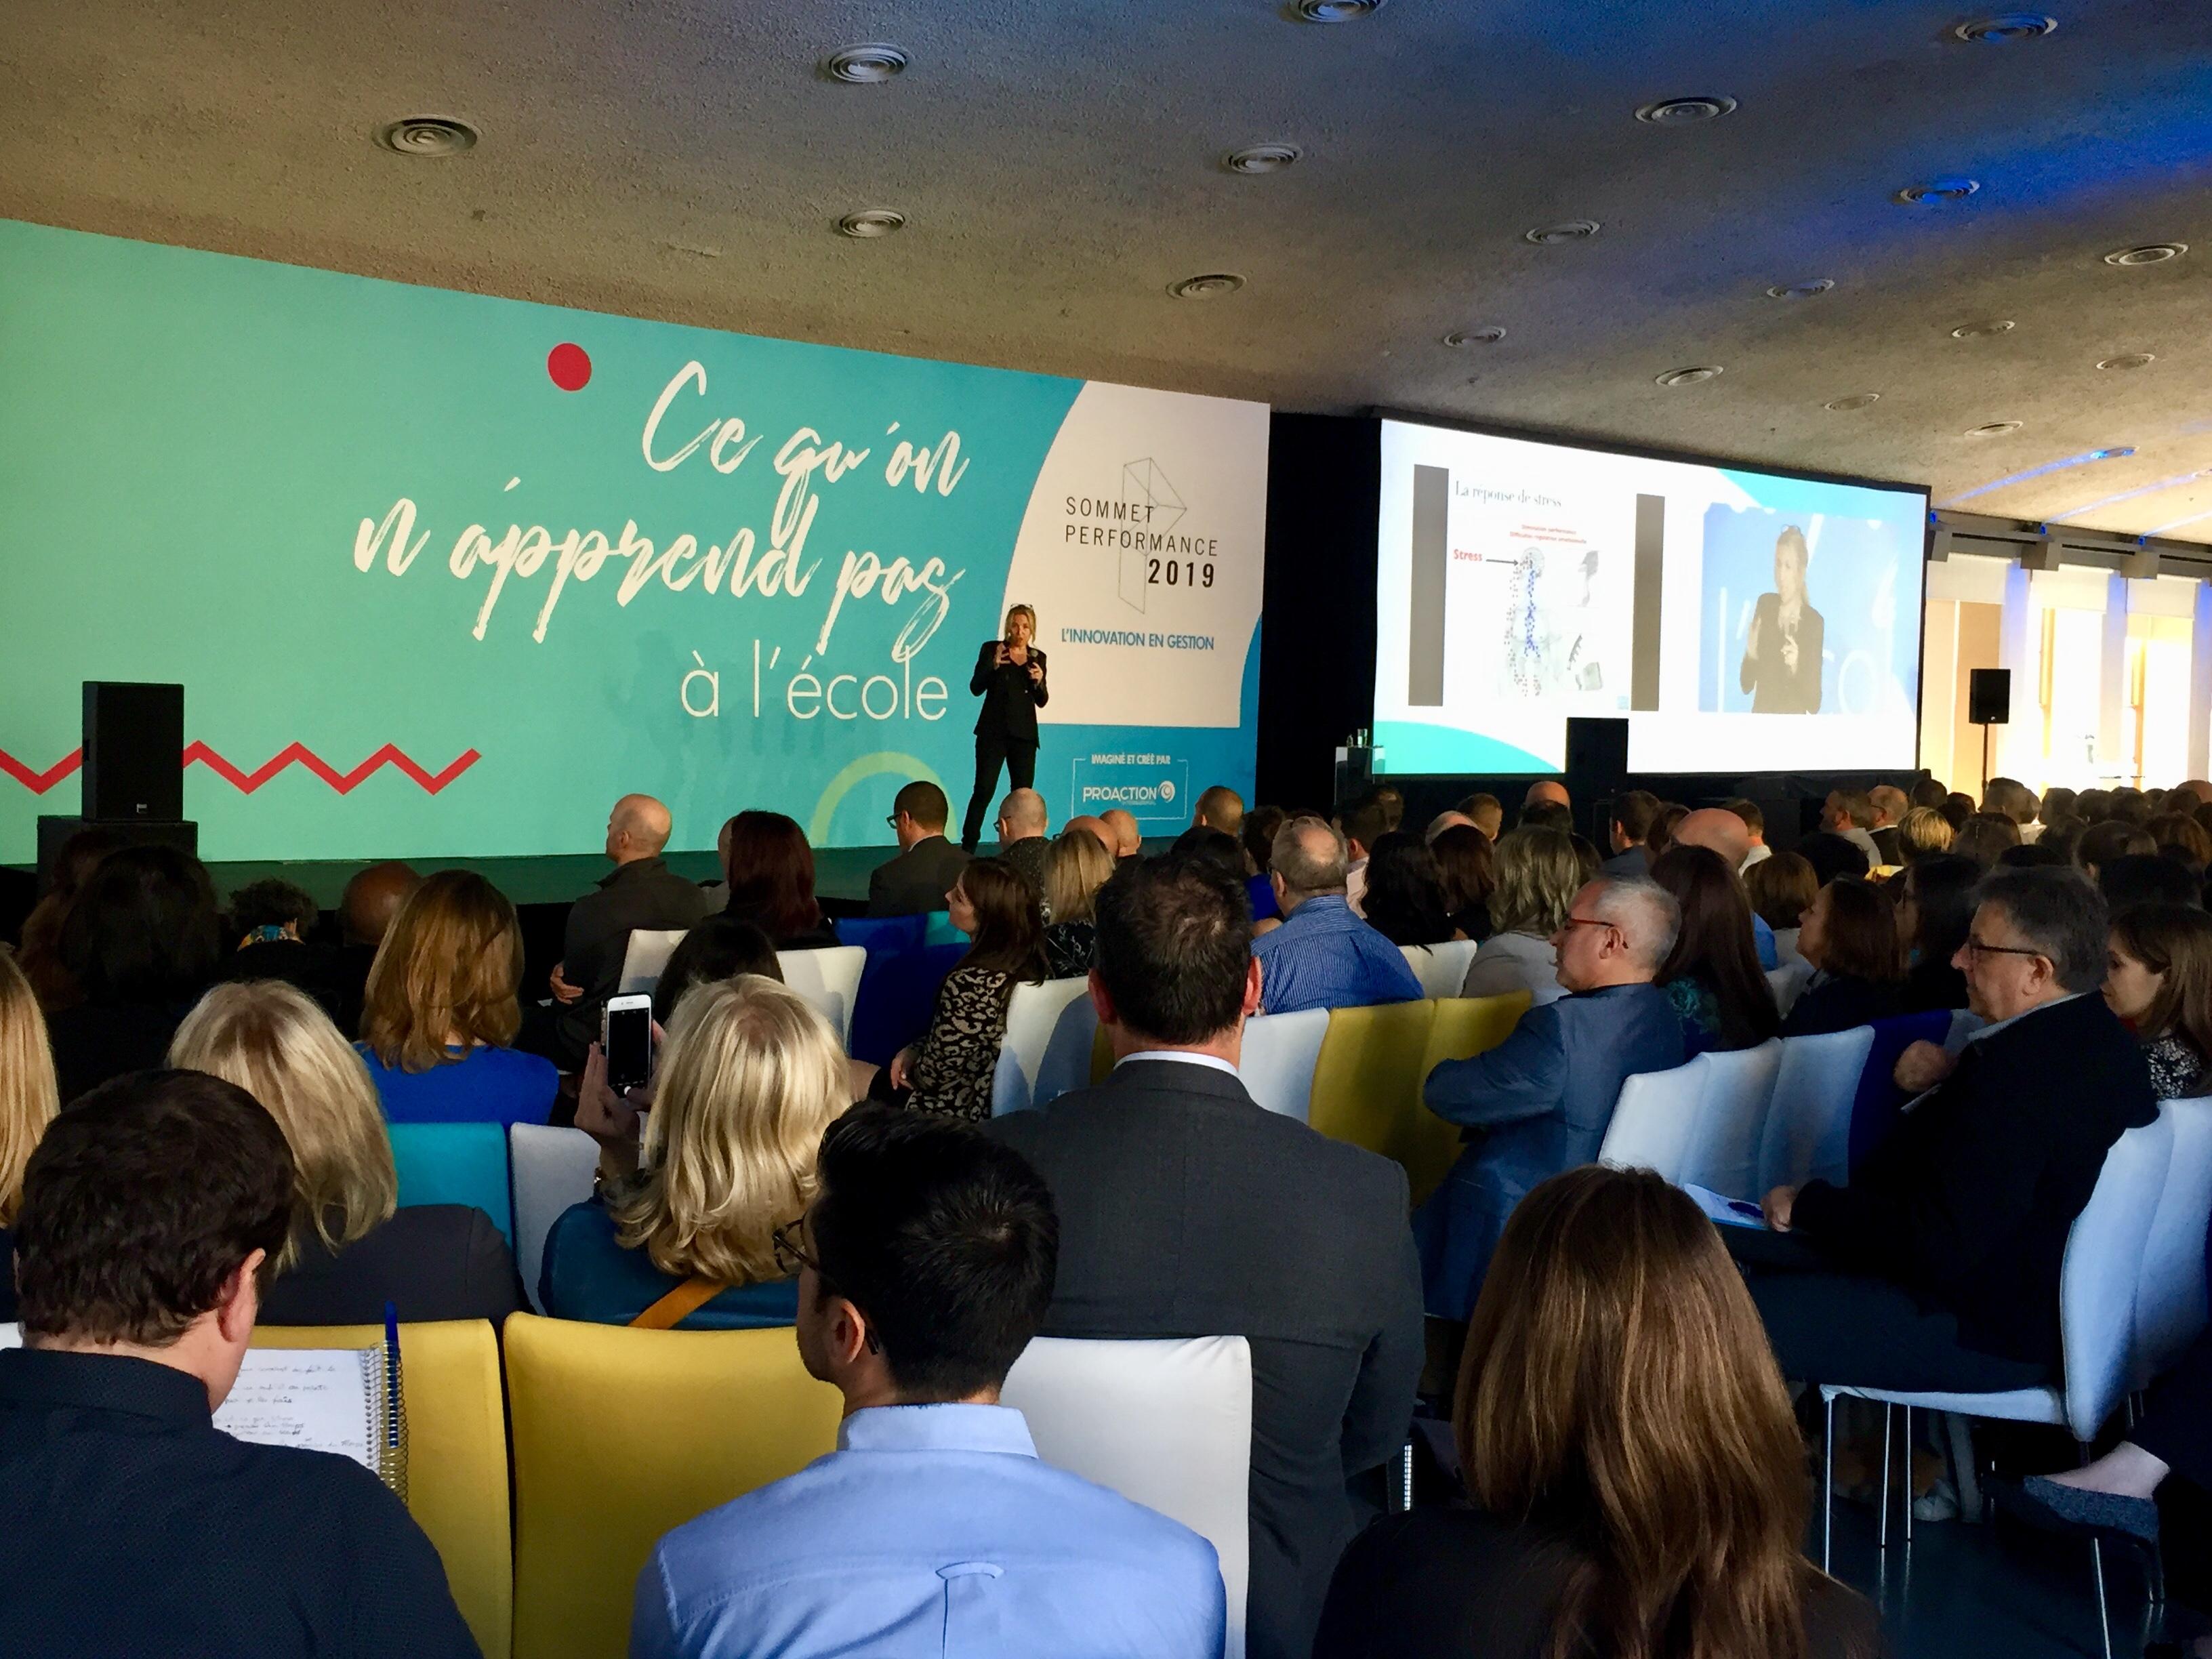 Les bons conseils entendus lors du Sommet Performance 2019 pour devenir un meilleur gestionnaire